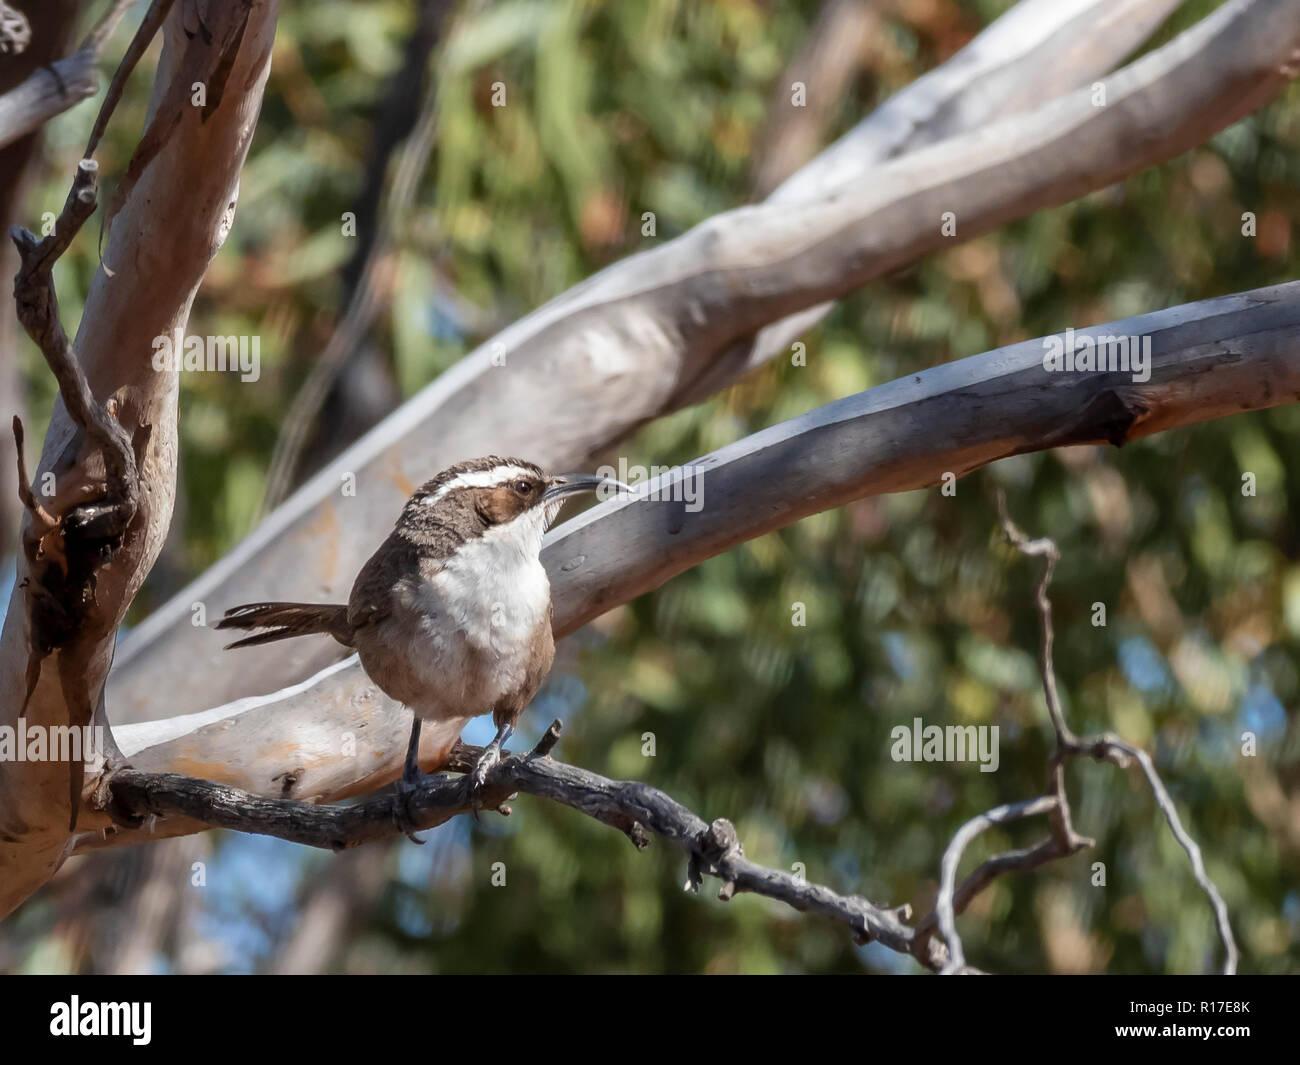 White-browed Babbler (Pomatostomus superciliosus) race 'superciliosus' - Stock Image